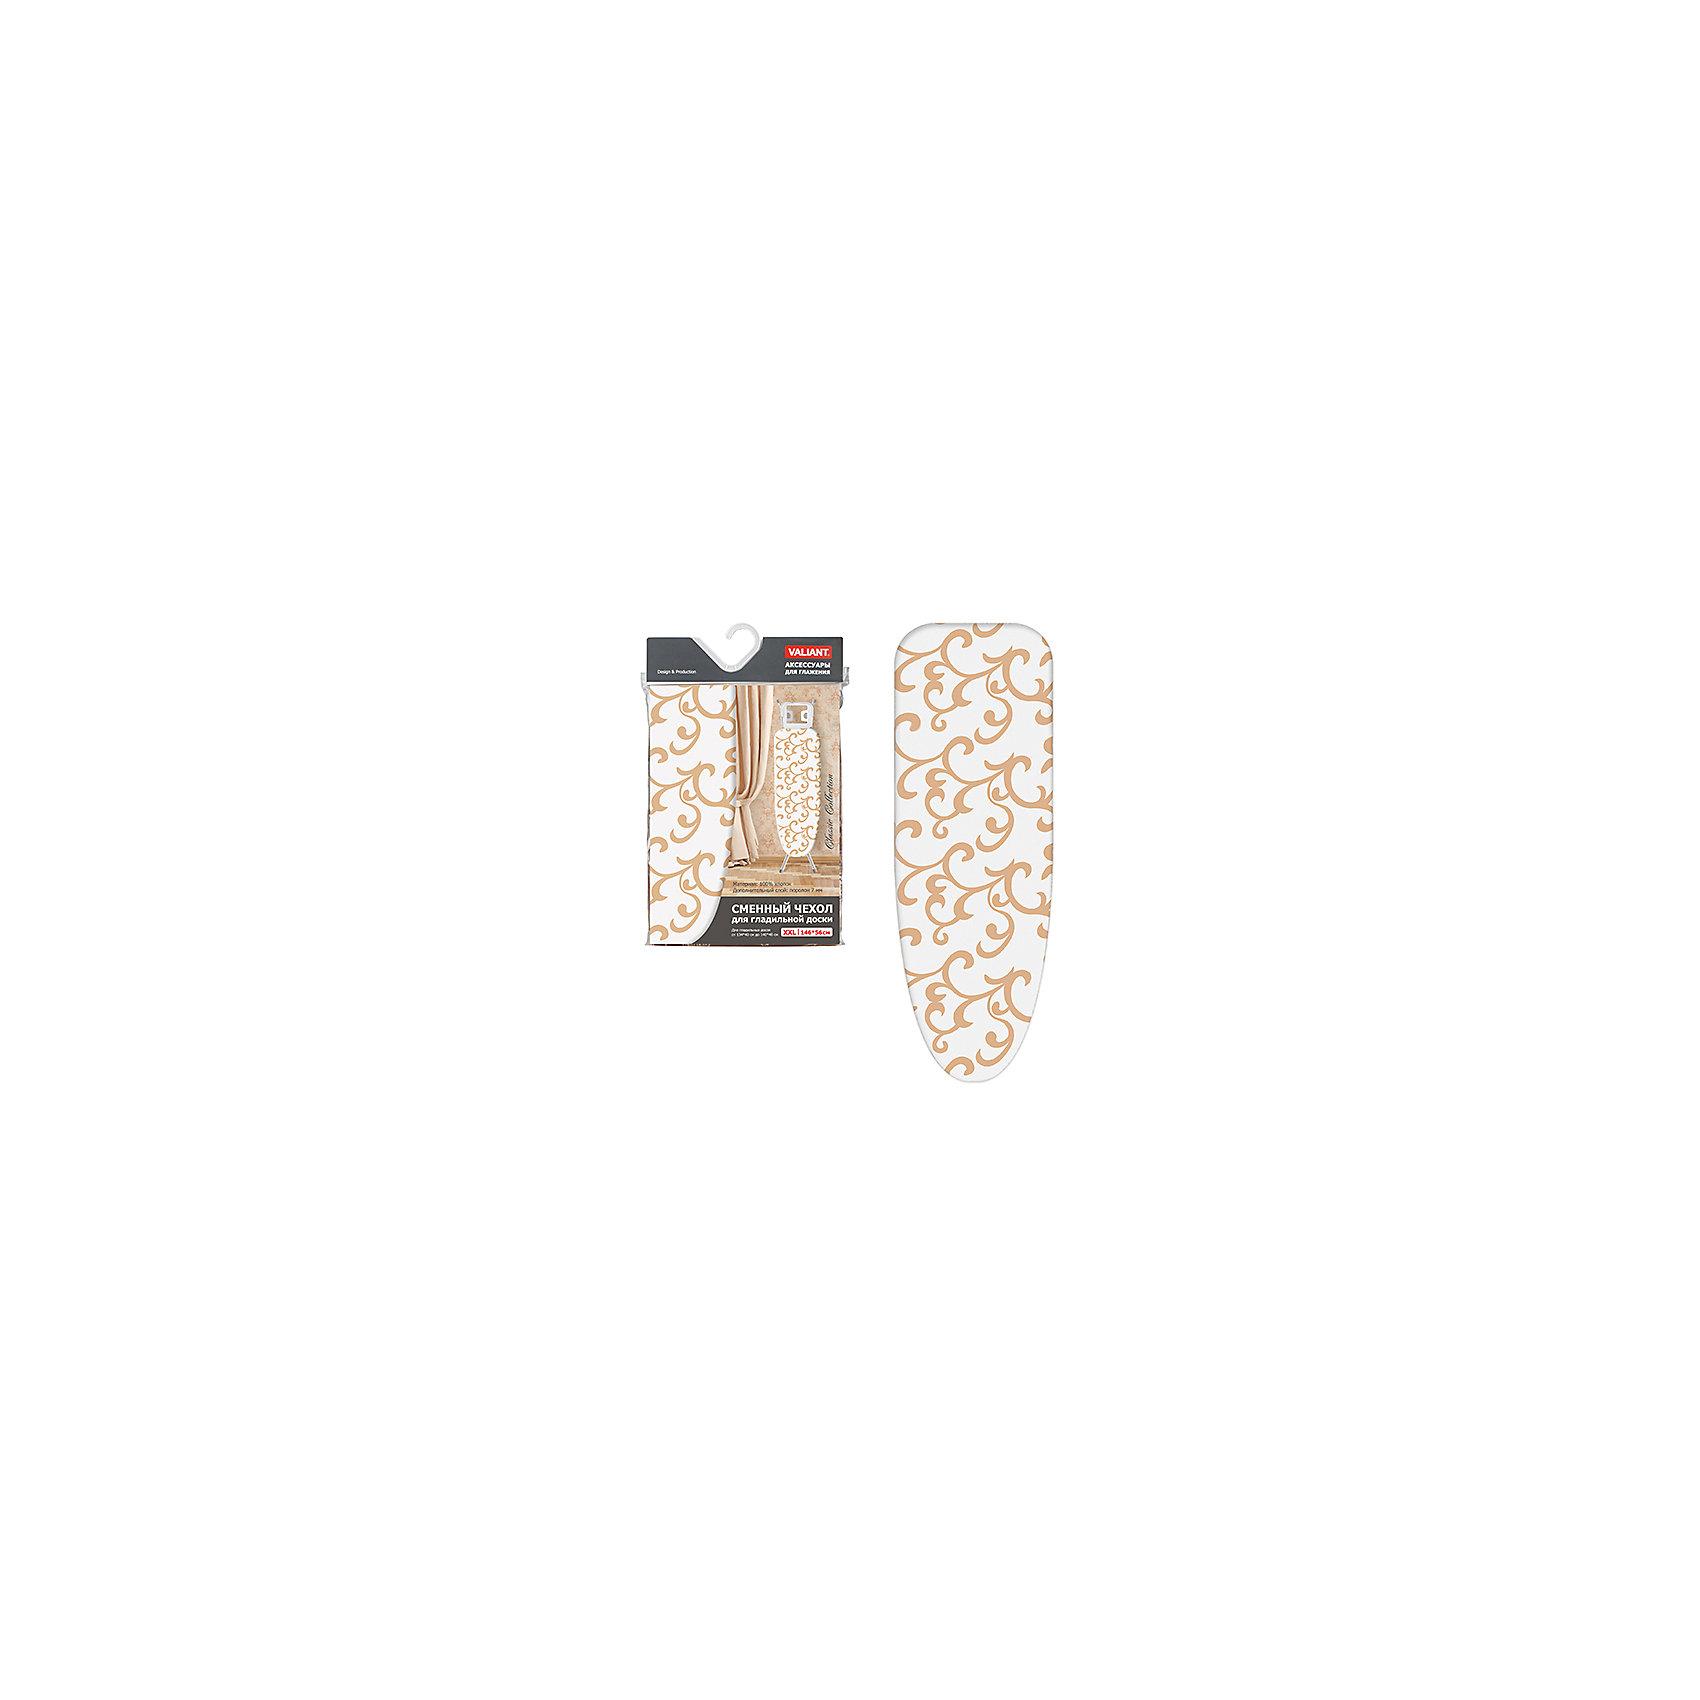 Чехол для гладильной доски, 146*56 см, Valiant, бежевый